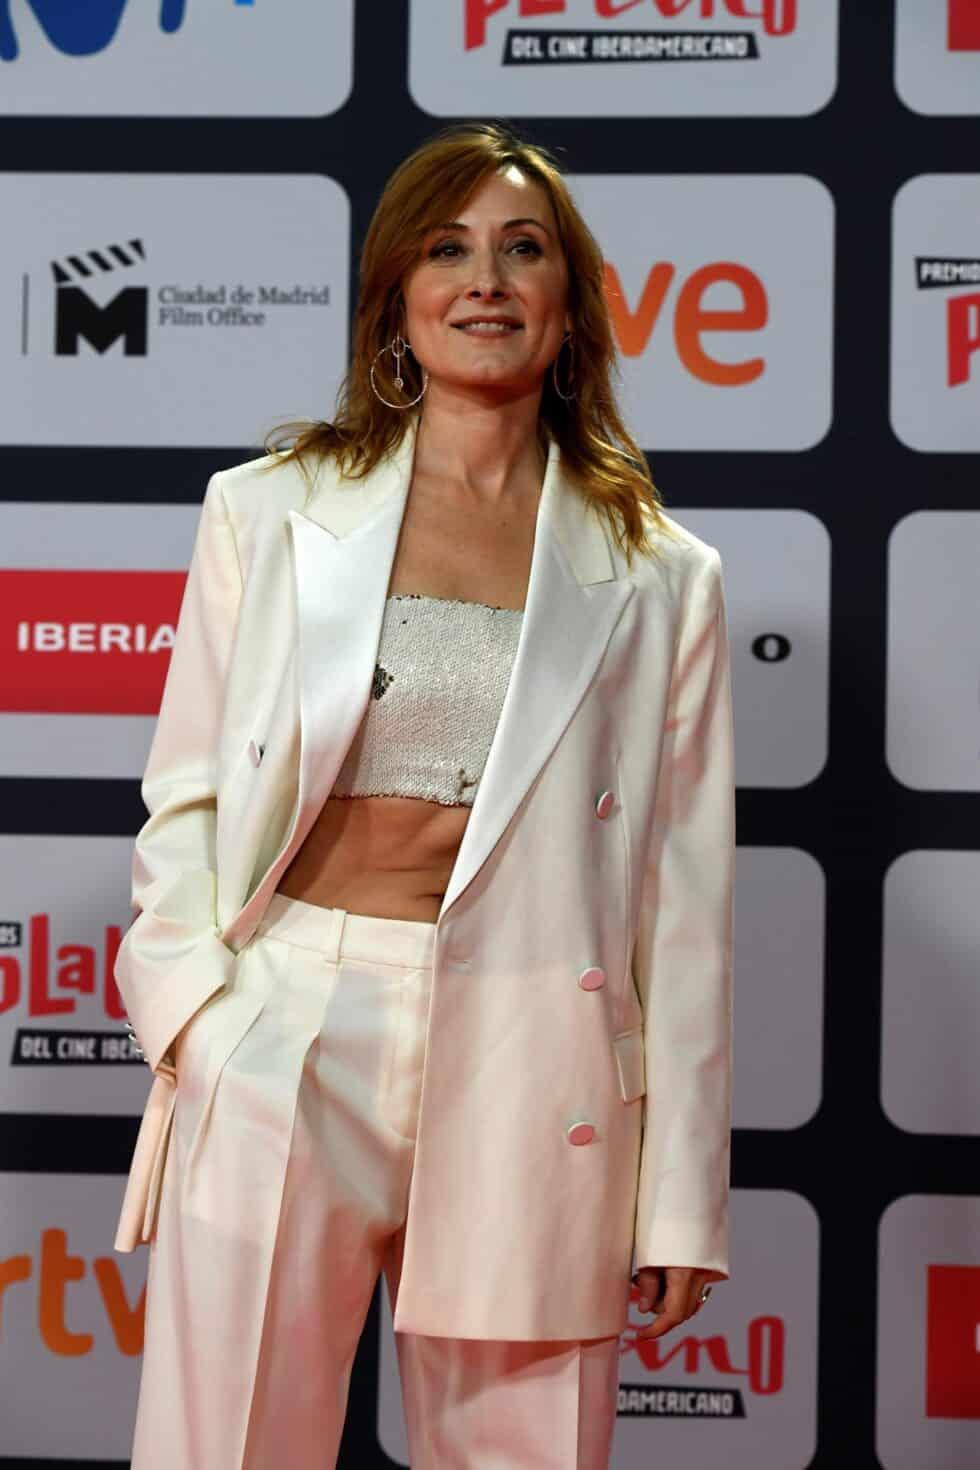 La actriz Ana Milán, a su llegada a la ceremonia de entrega de los Premios Platino del Cine y el Audiovisual Iberoamericano que se celebra este domingo en Madrid